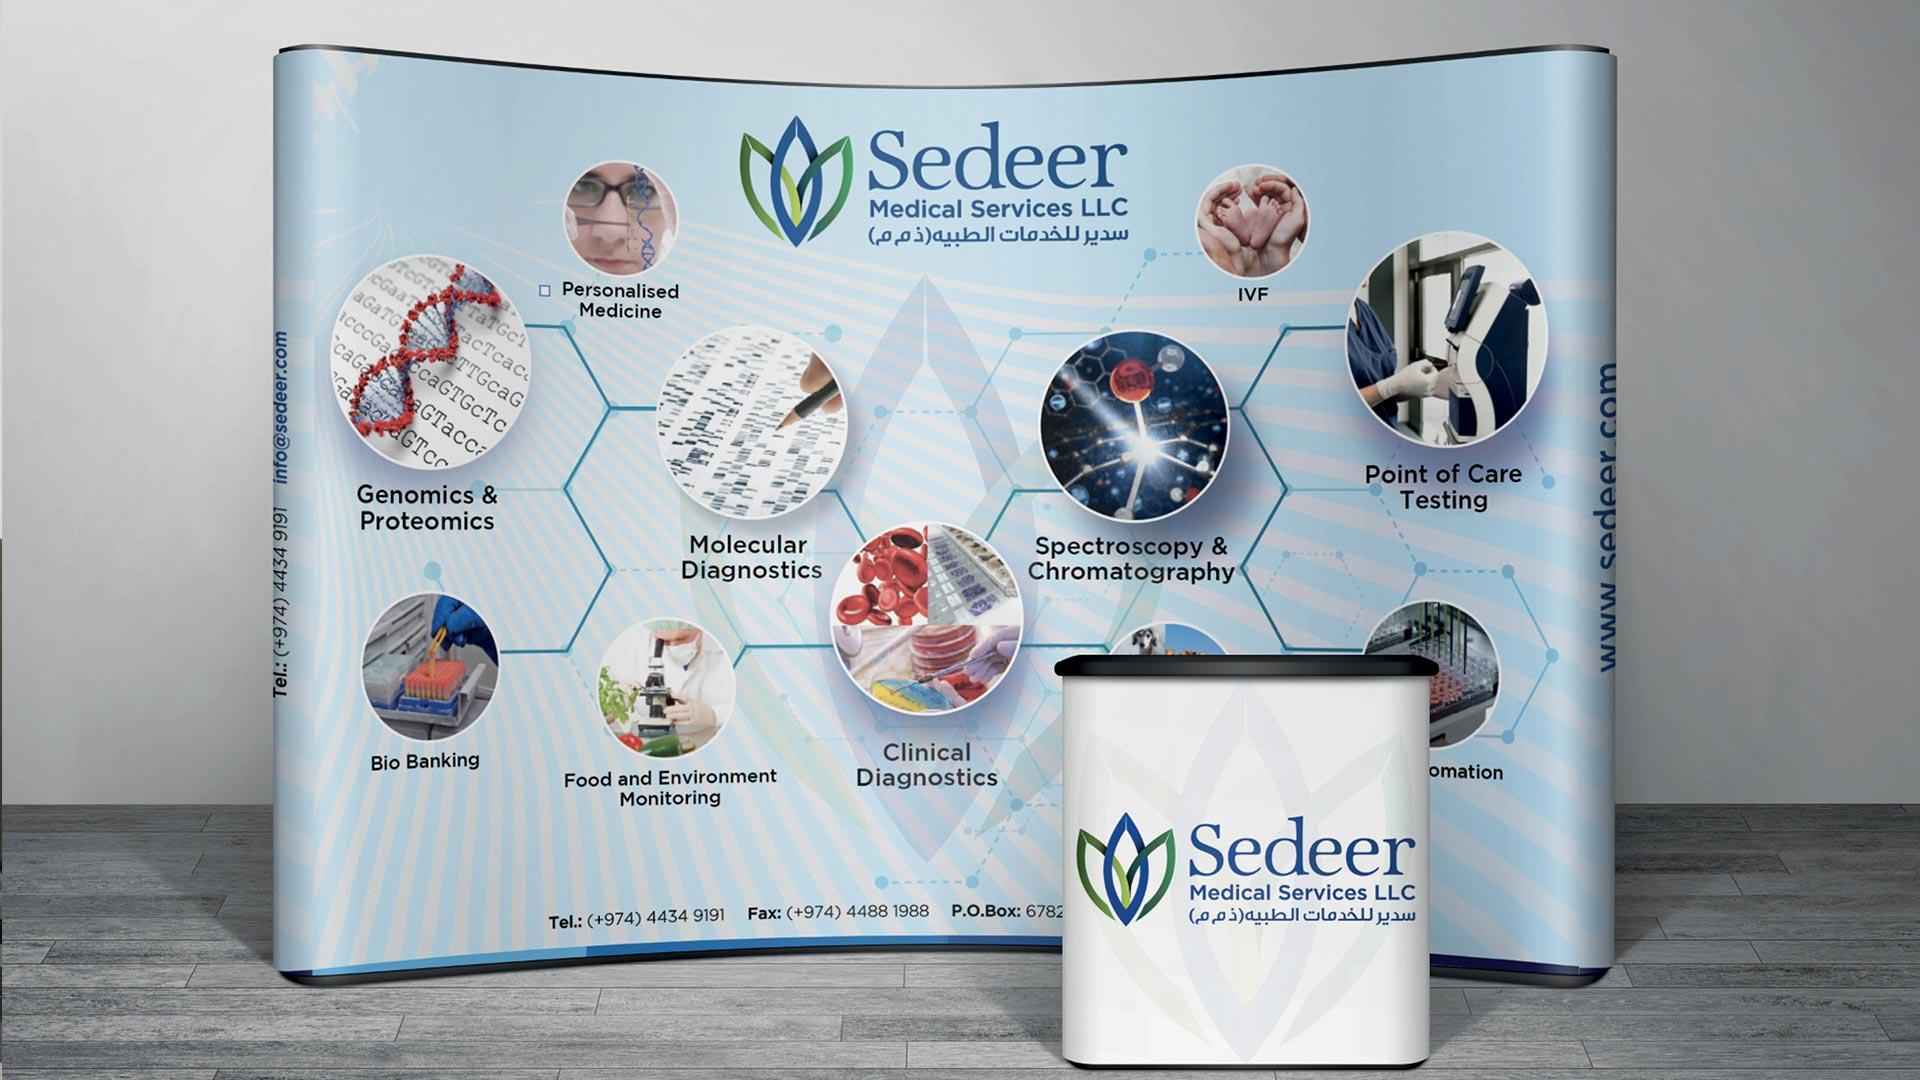 sedeer banner3